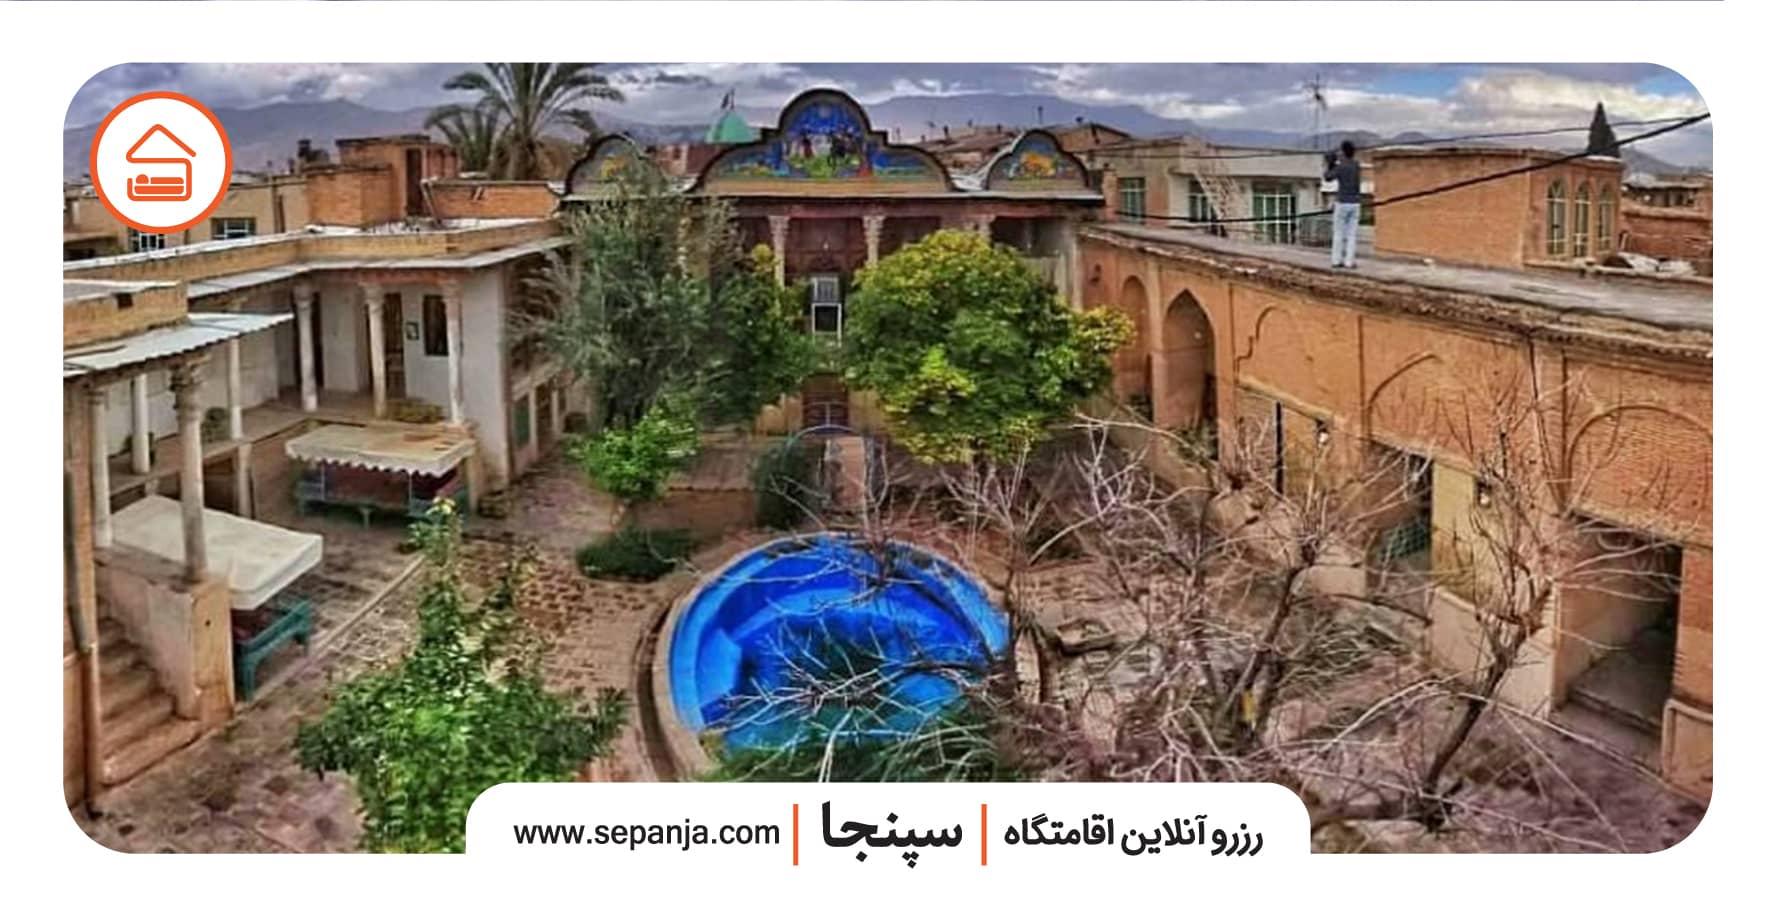 خانه سعادت از بهترین جاهای دیدنی شیراز